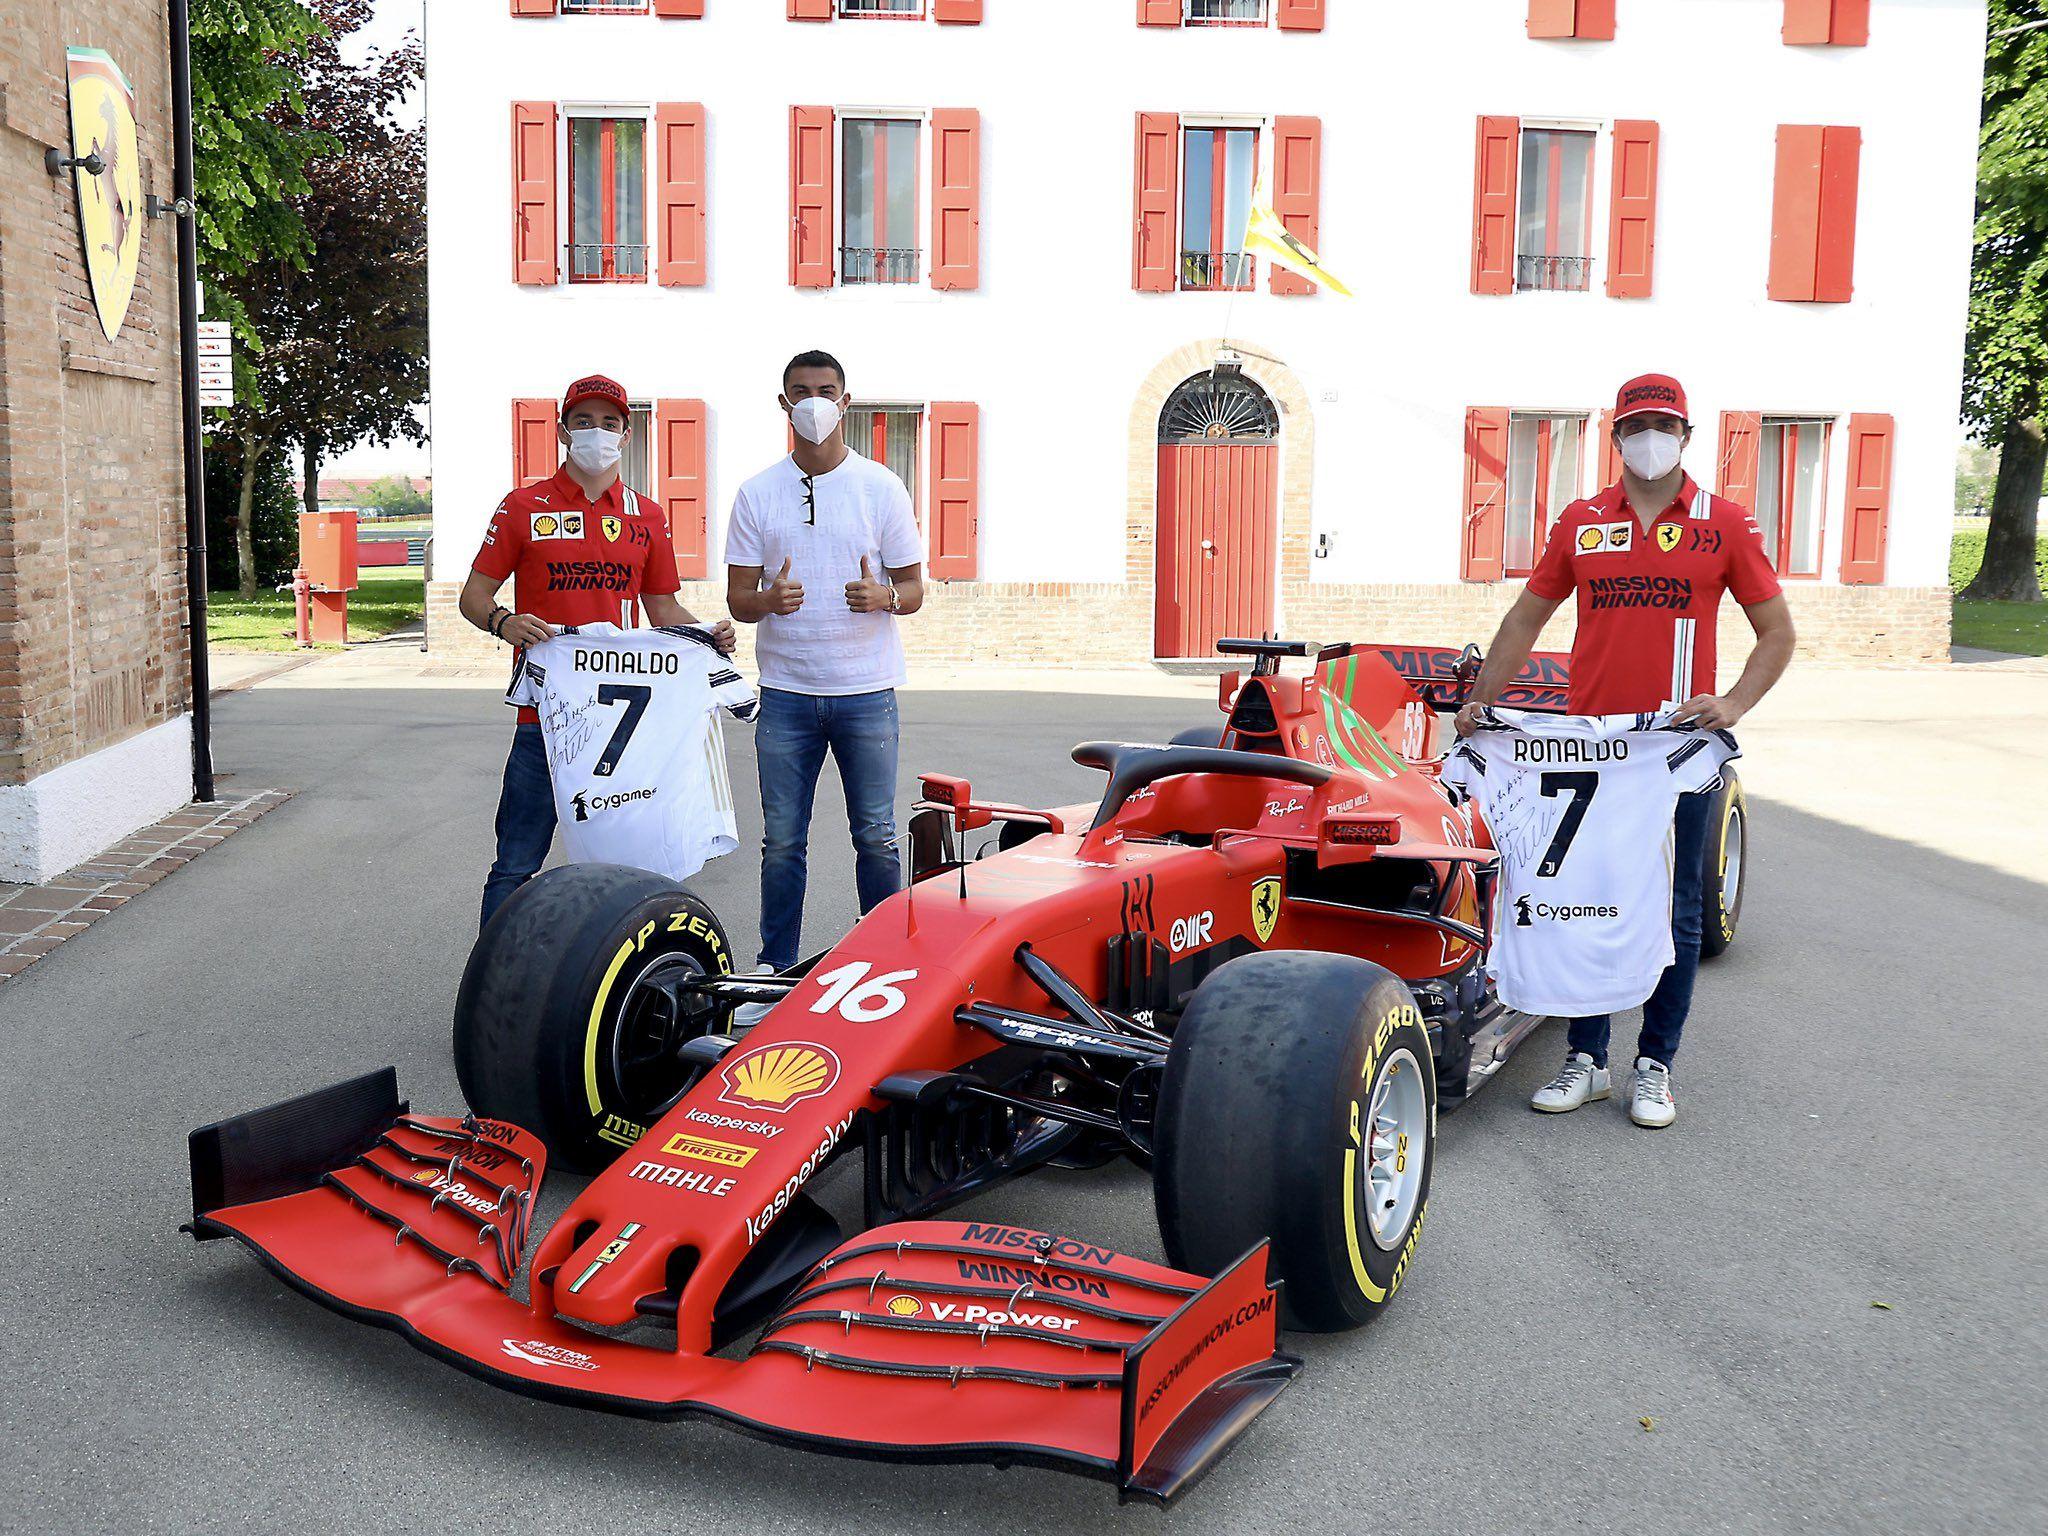 Ronaldo visits Maranello, meets Binotto along with Leclerc & Sainz